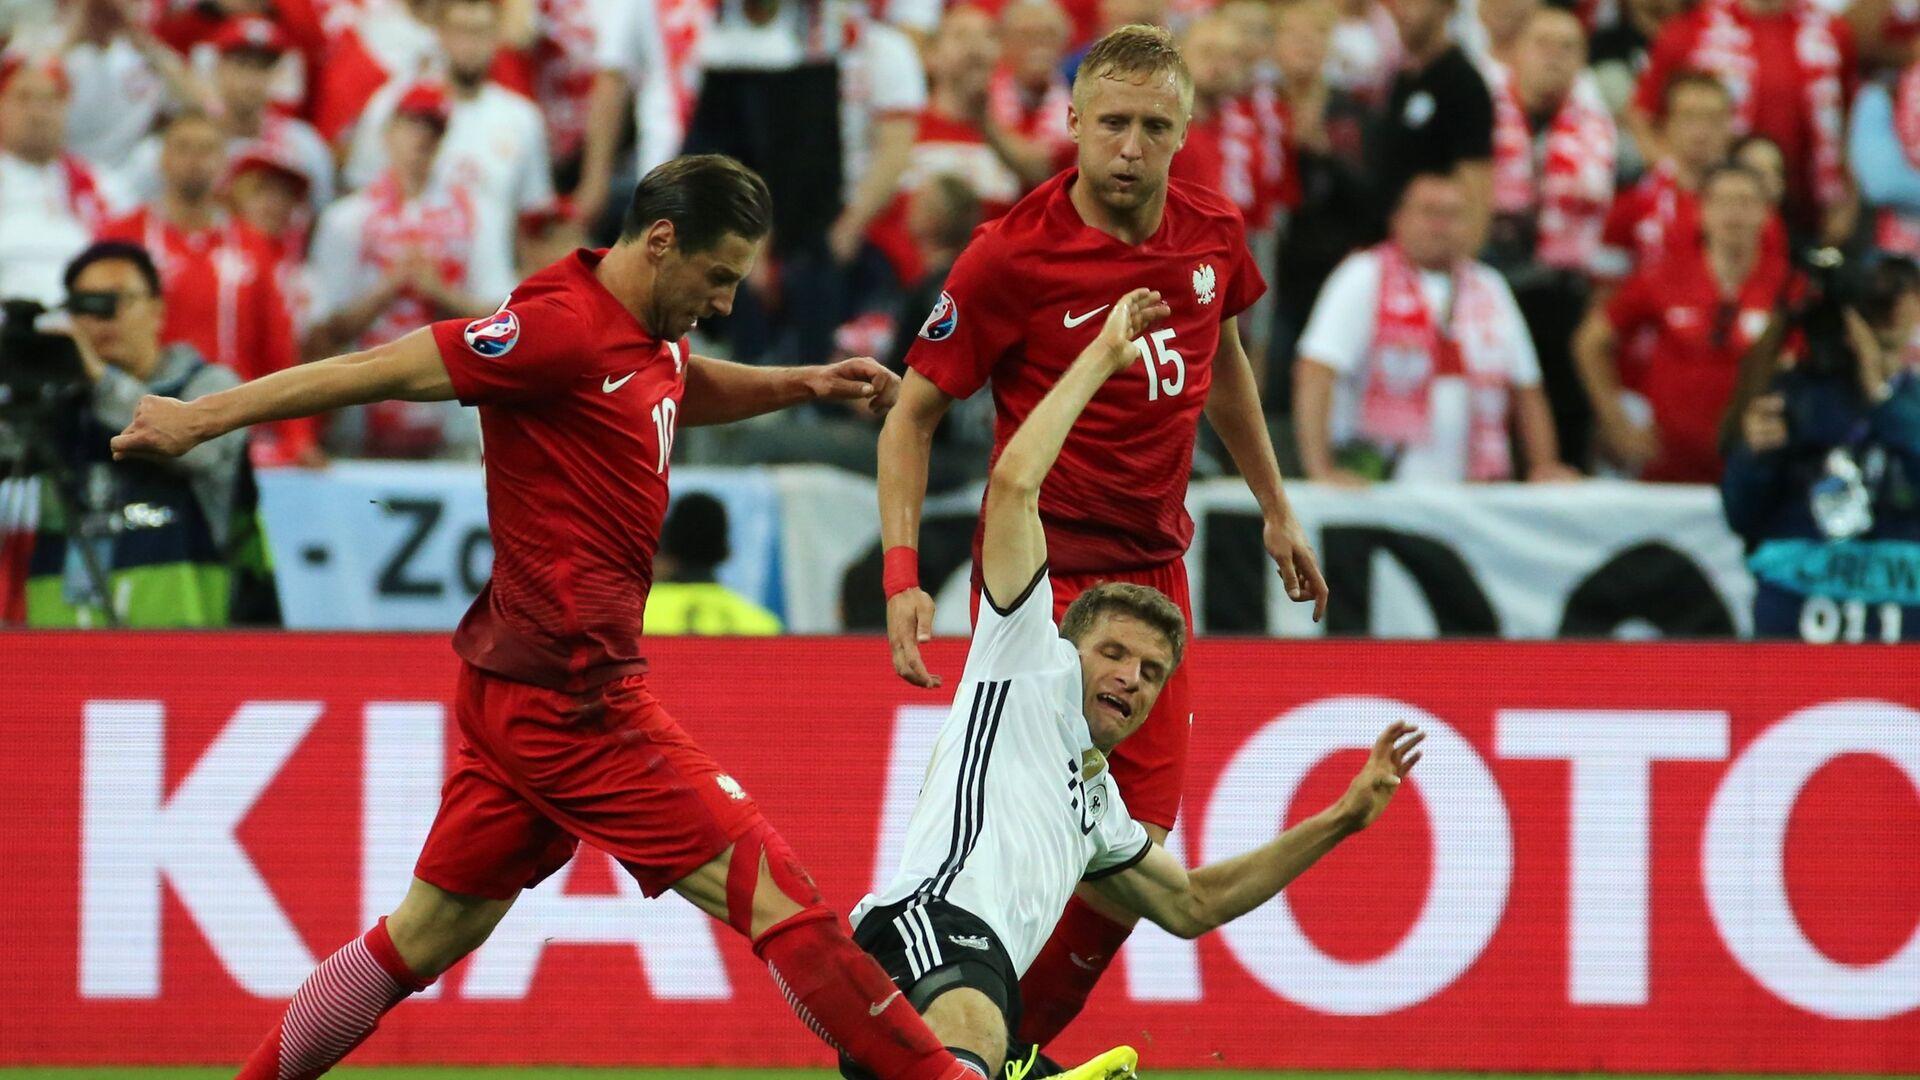 Piłka nożna. Euro 2016. Mecz Polska-Niemcy. - Sputnik Polska, 1920, 18.06.2021